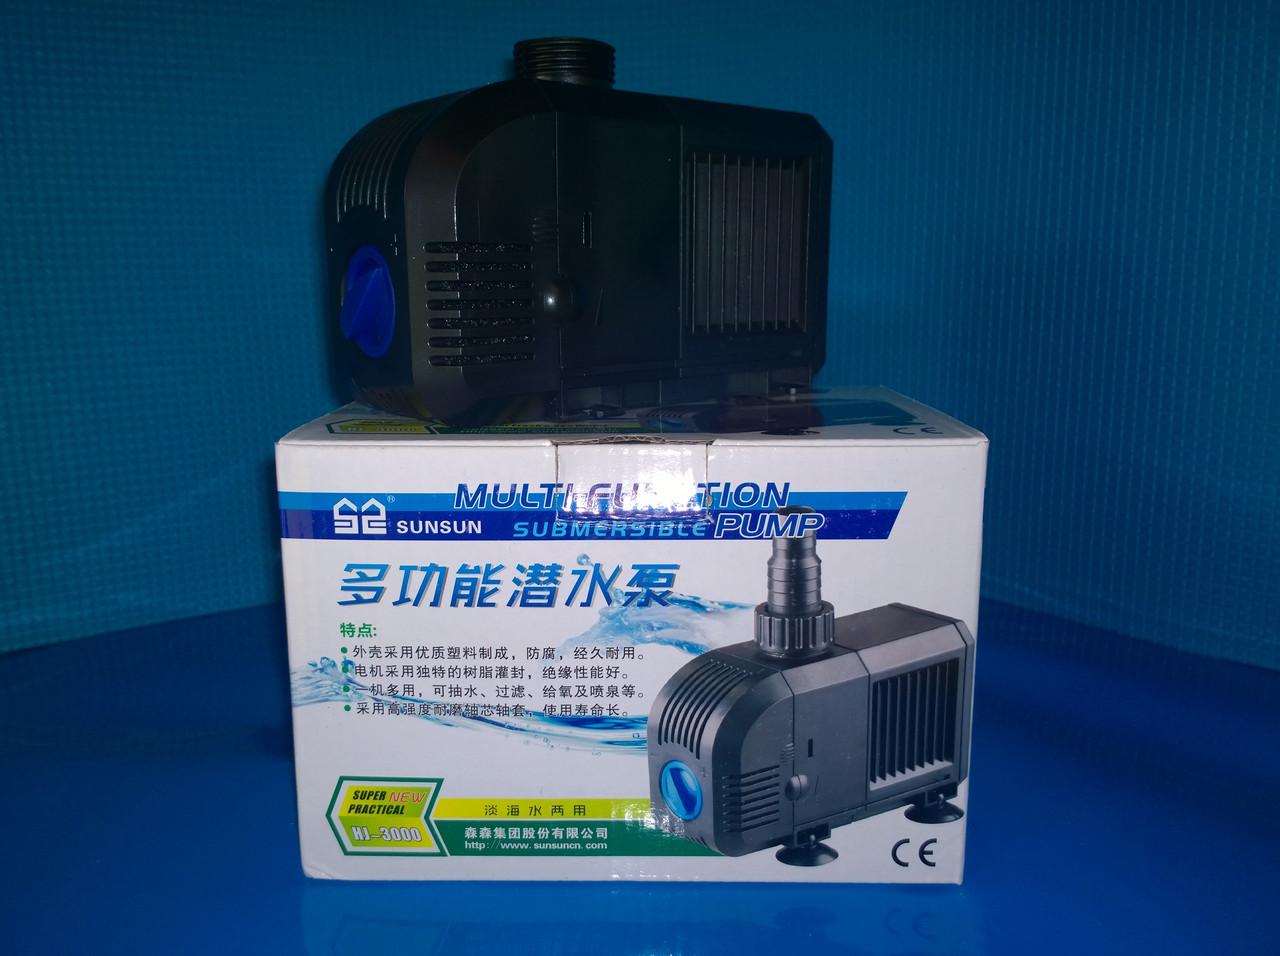 Фонтанный насос SUNSUN HJ-5500,  4м, 6000l/h, 100W, с регулировкой мощности